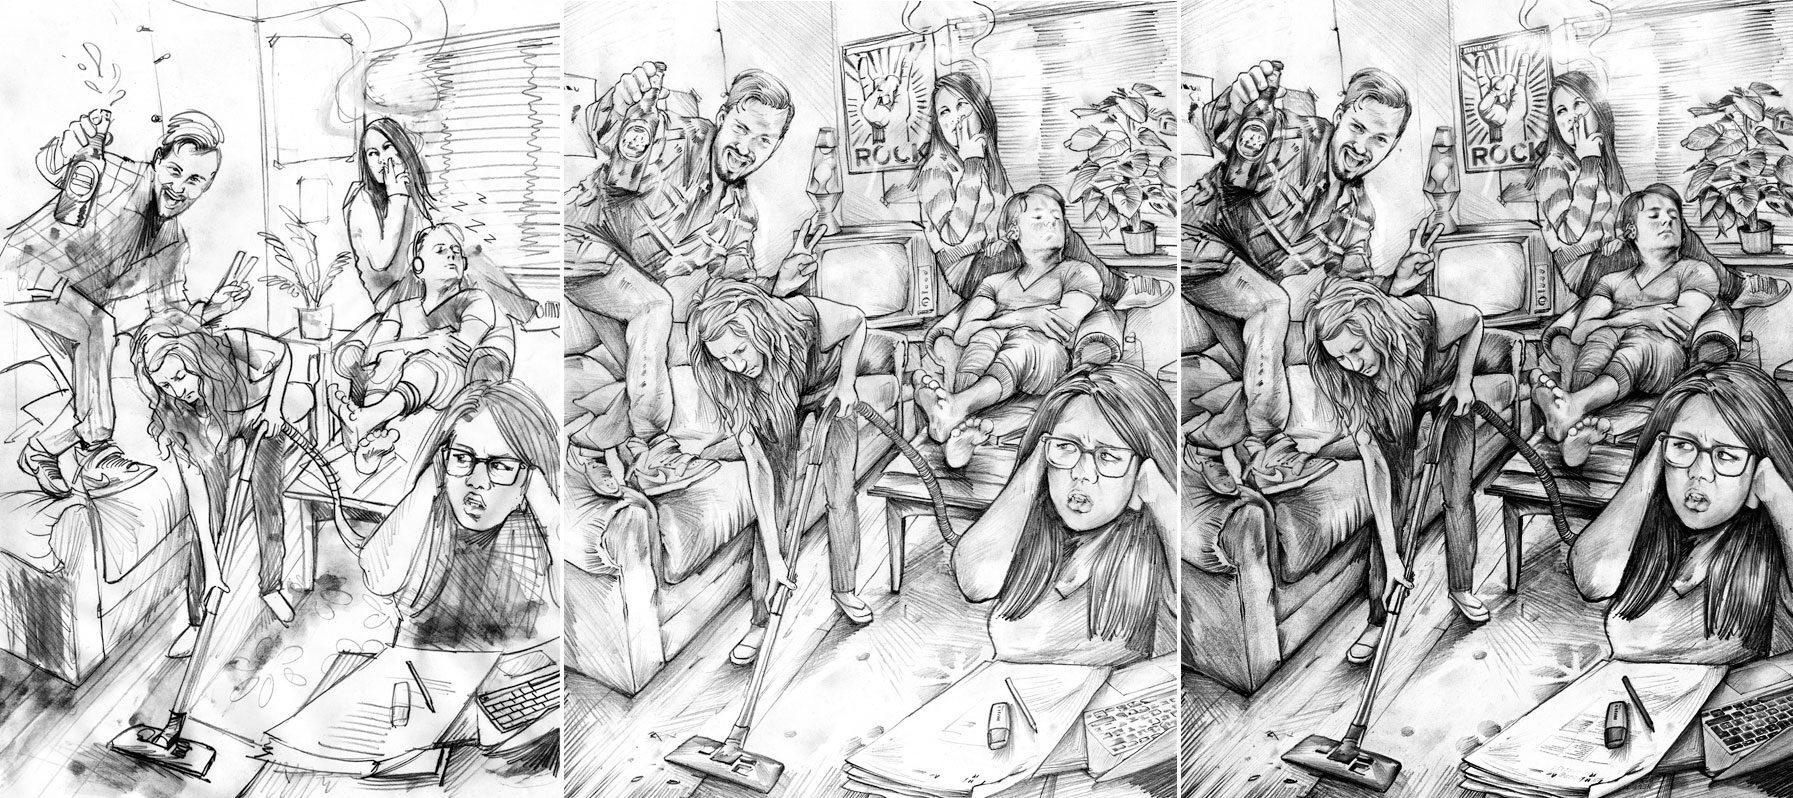 WG Skizze - Kornel Illustration | Kornel Stadler portfolio